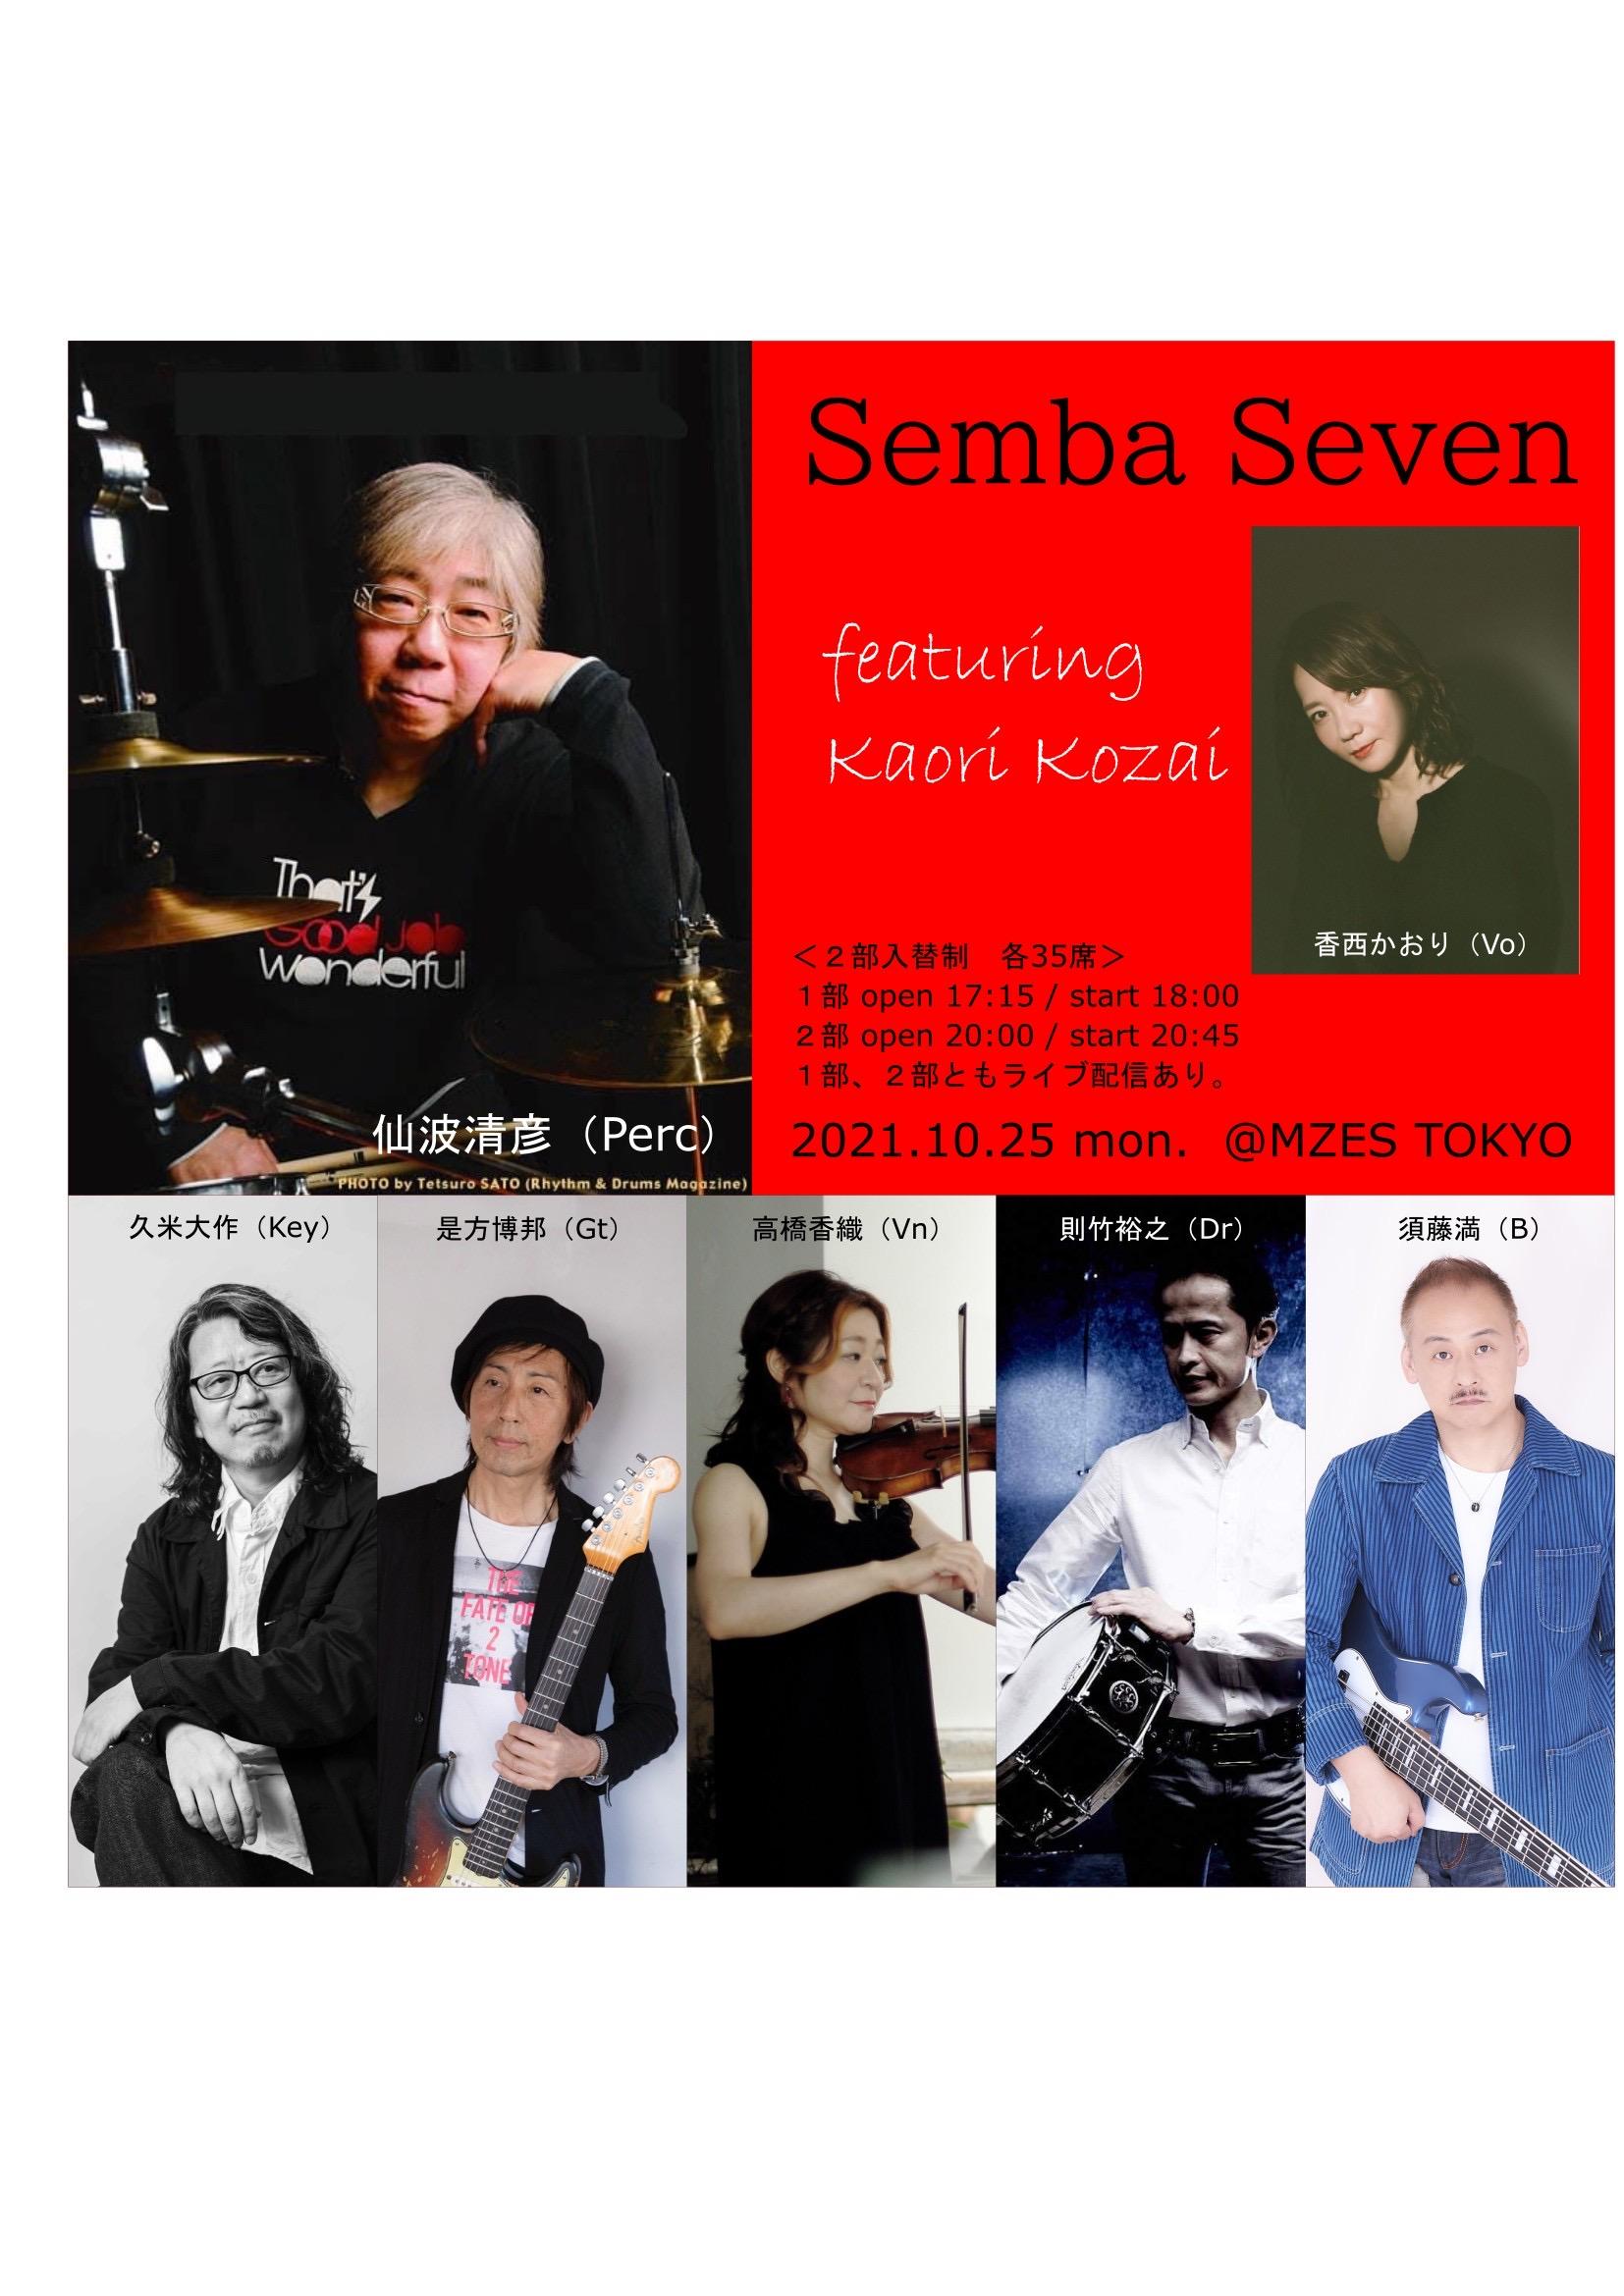 【1部観覧チケット】Semba Seven featuring Kaori Kozai